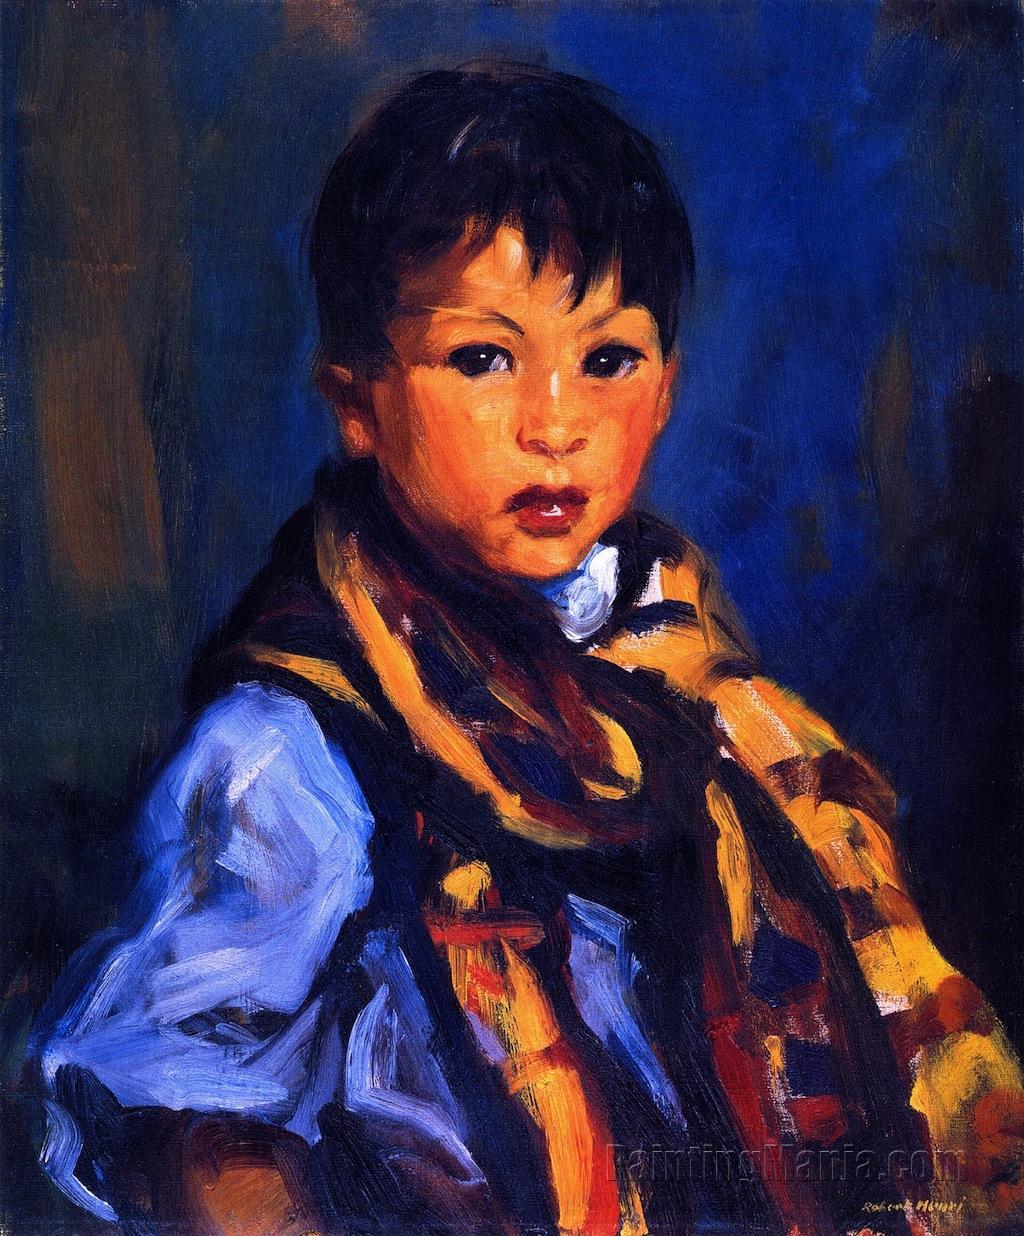 Boy with Plaid Scarf